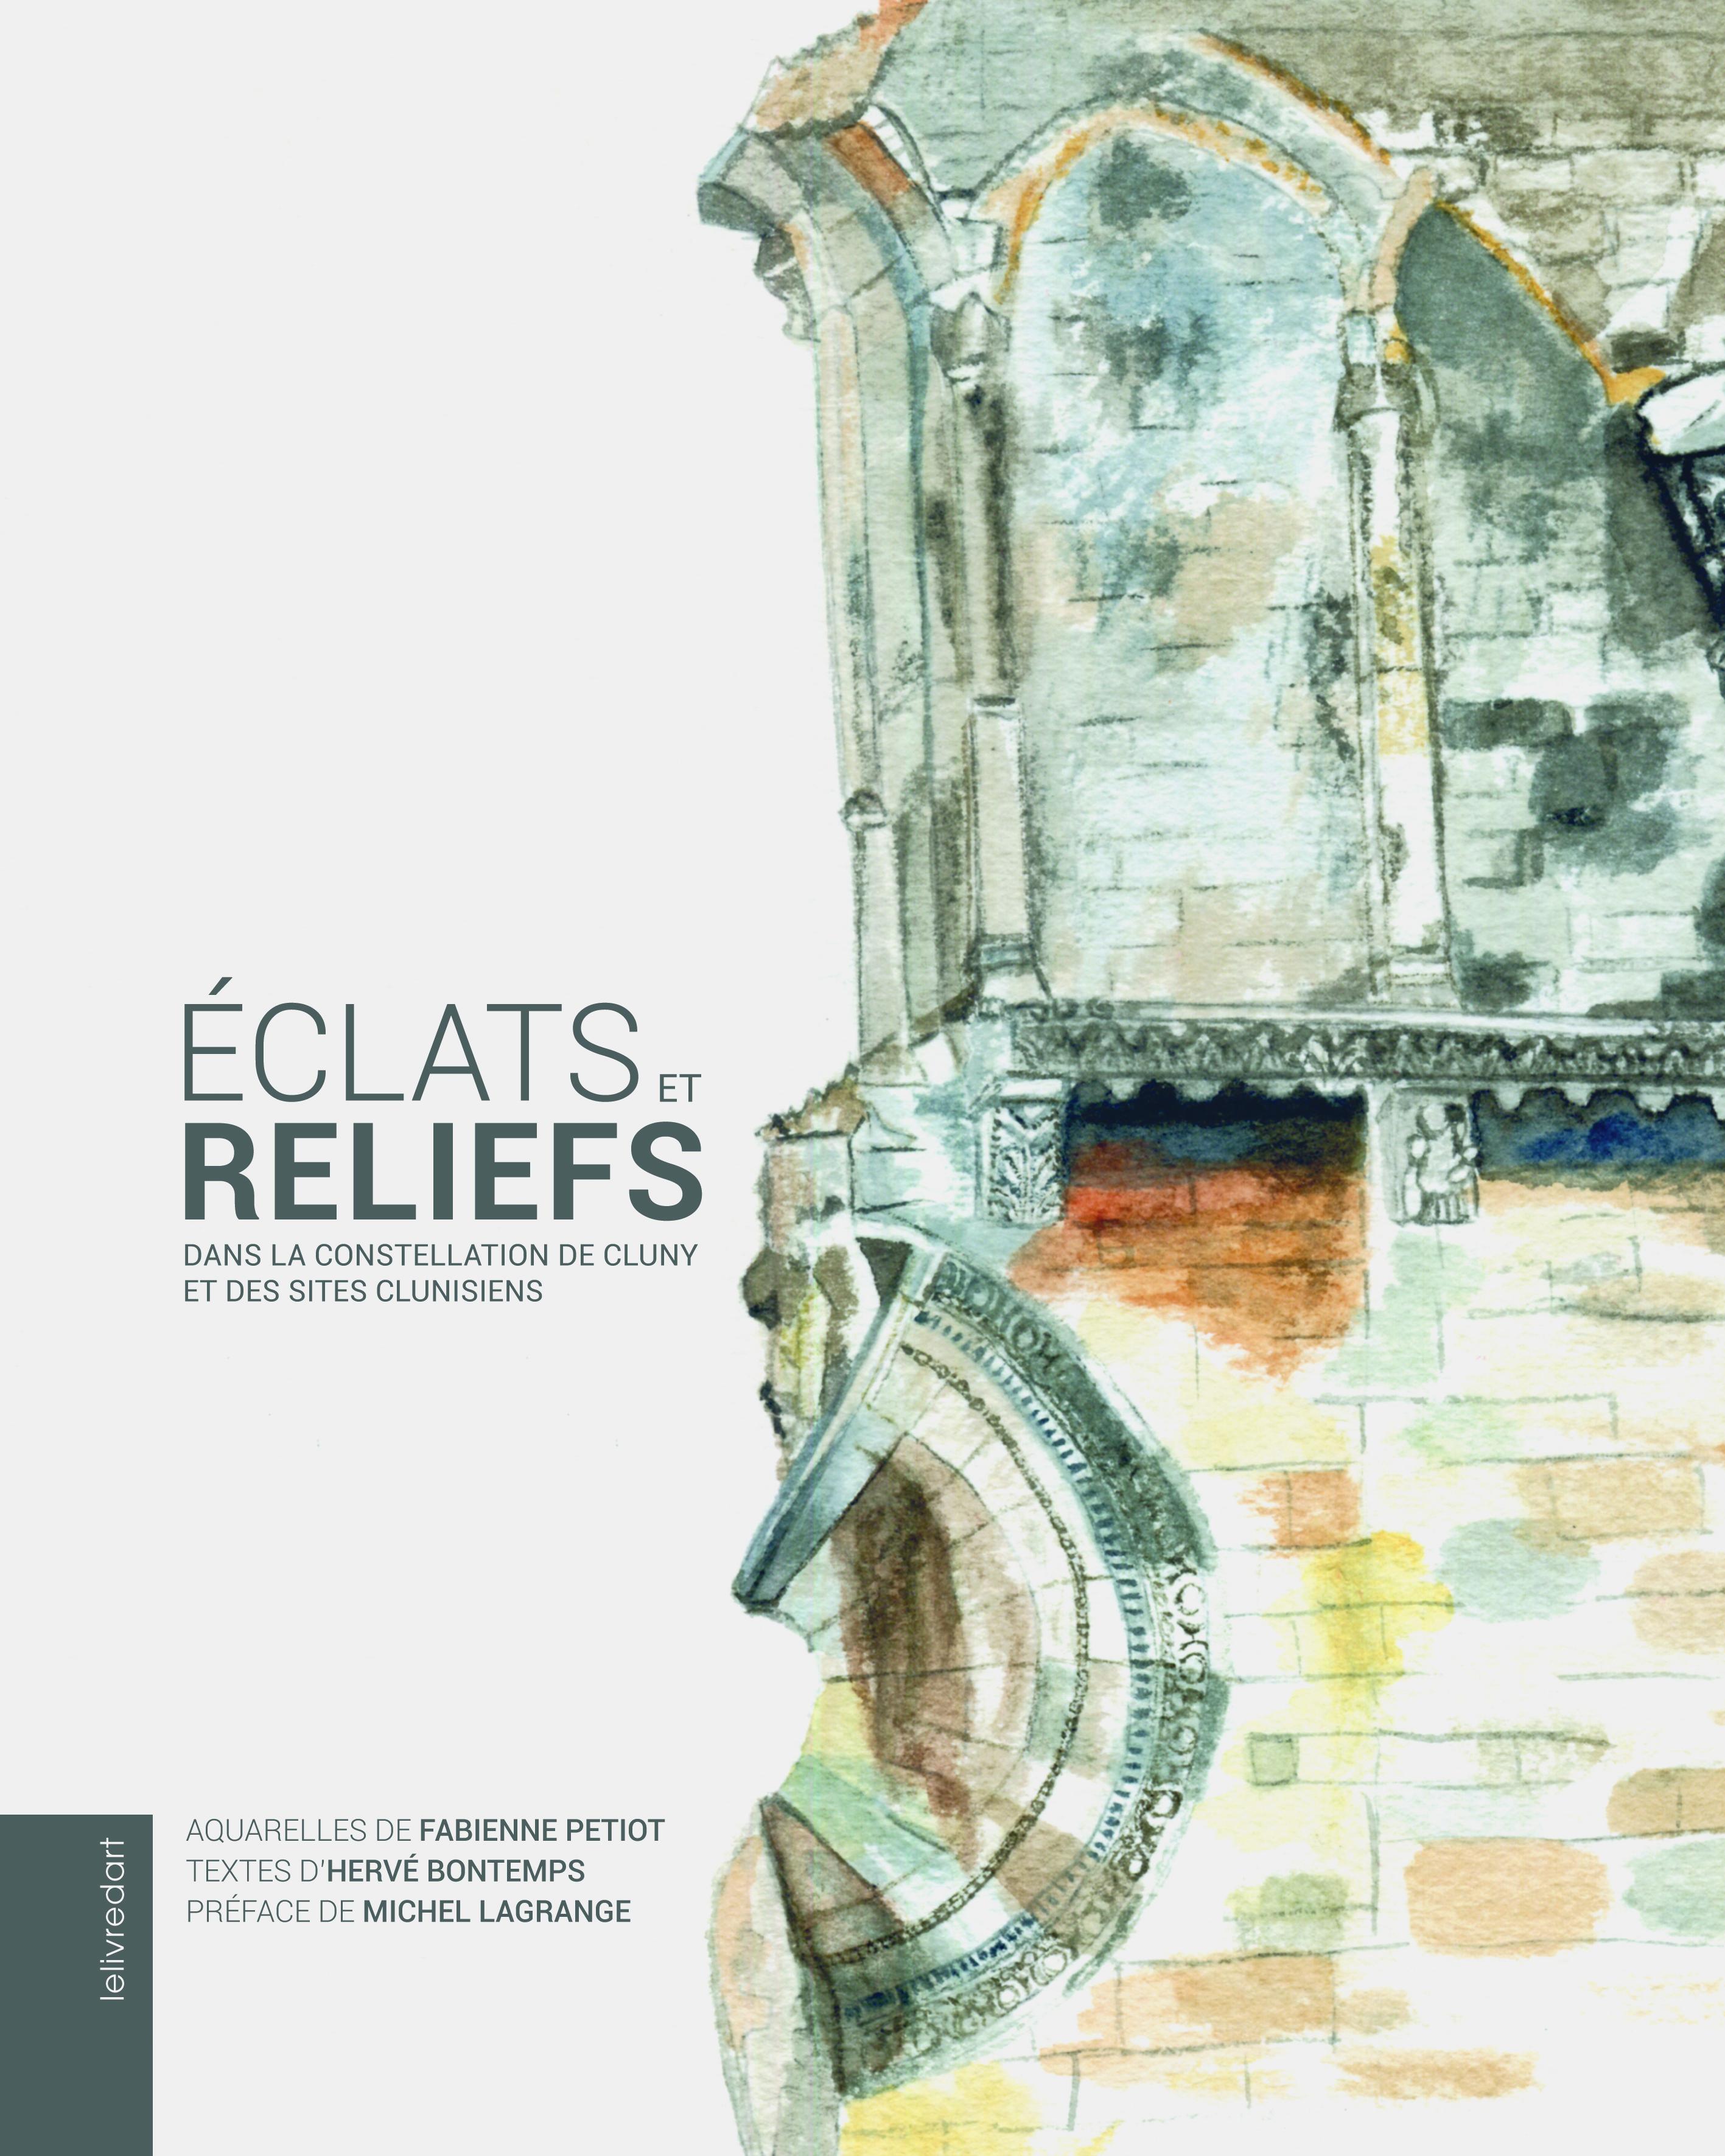 Eclats et reliefs